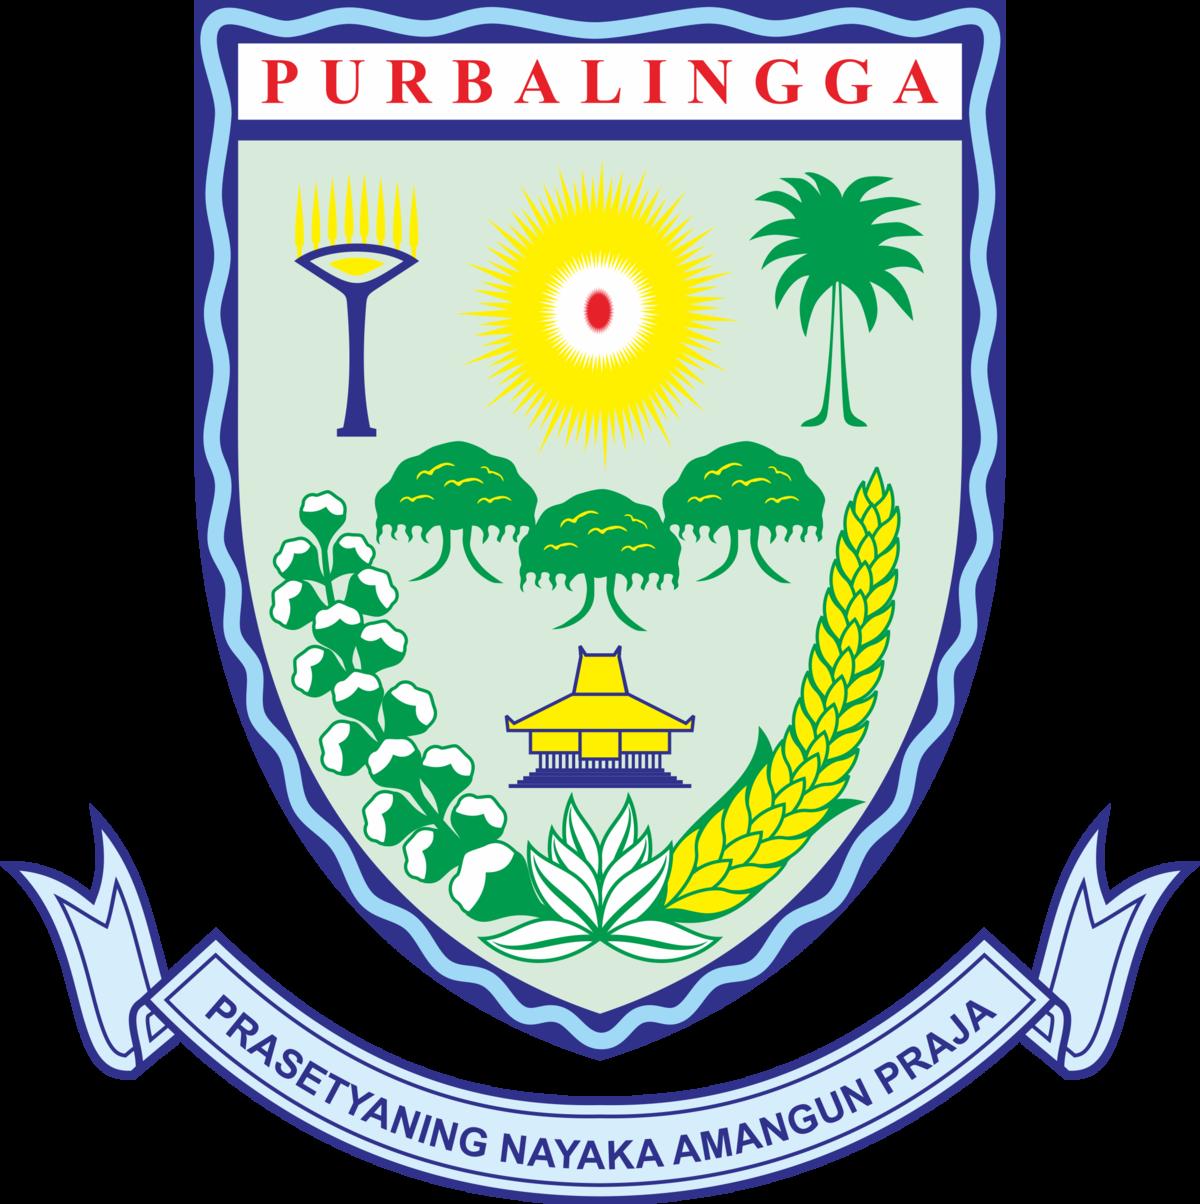 Kelurahan Purbalingga Kulon